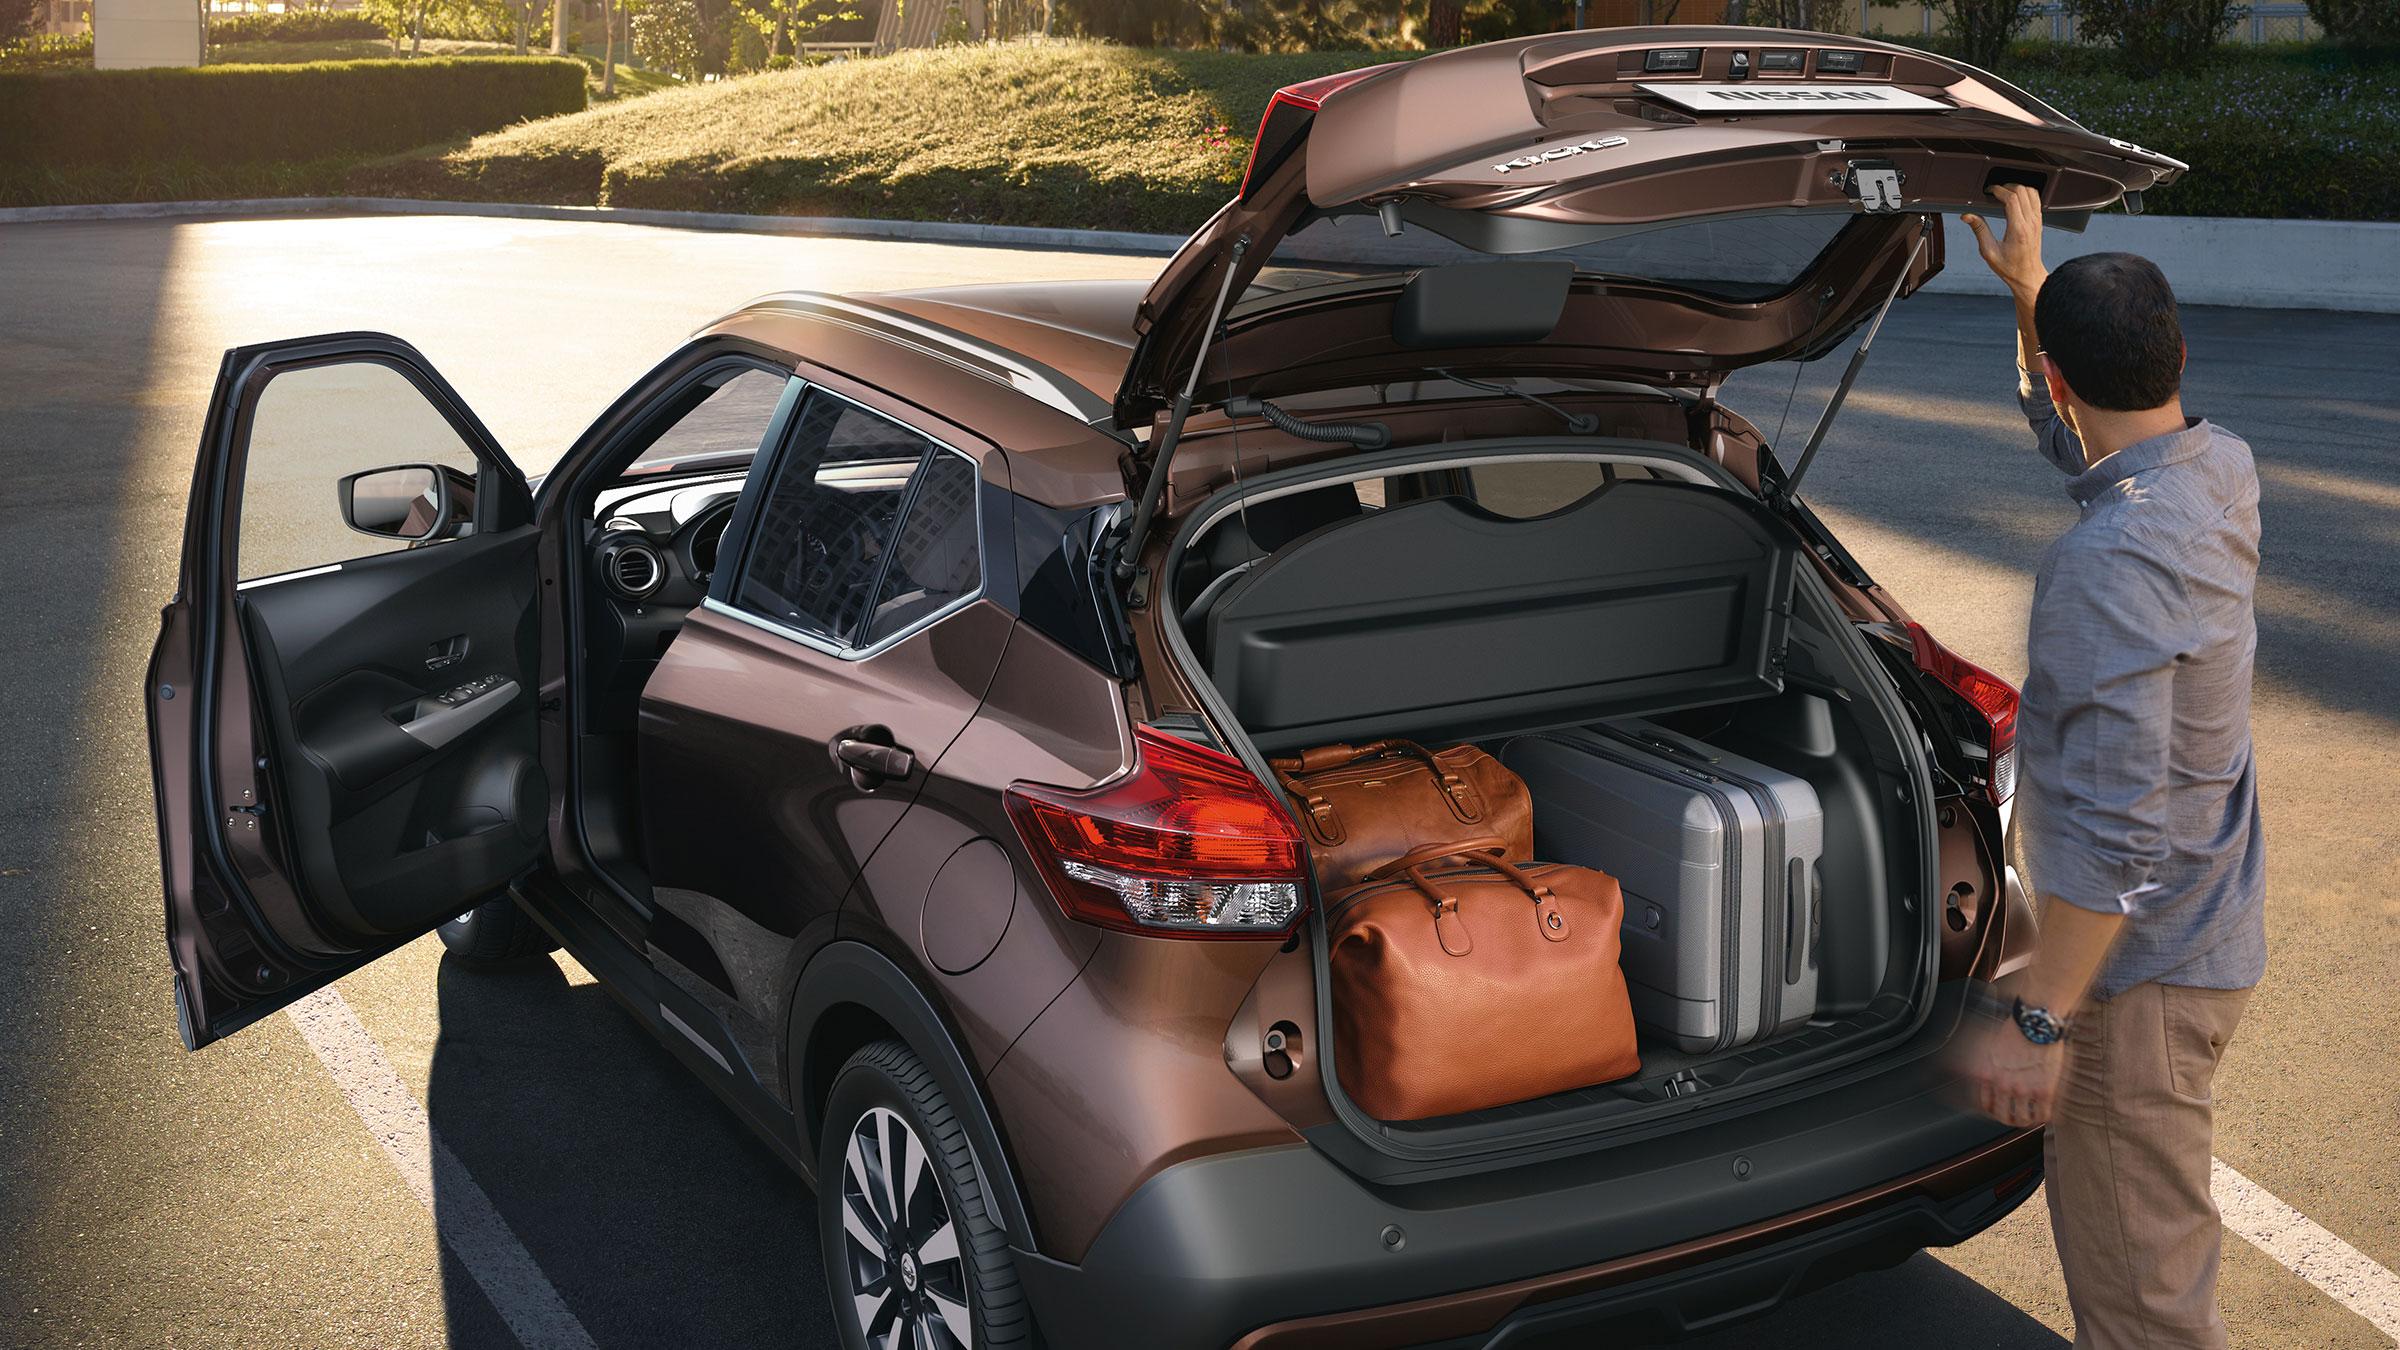 مساحة تحميل أمتعة في سيارة نيسان كيكس